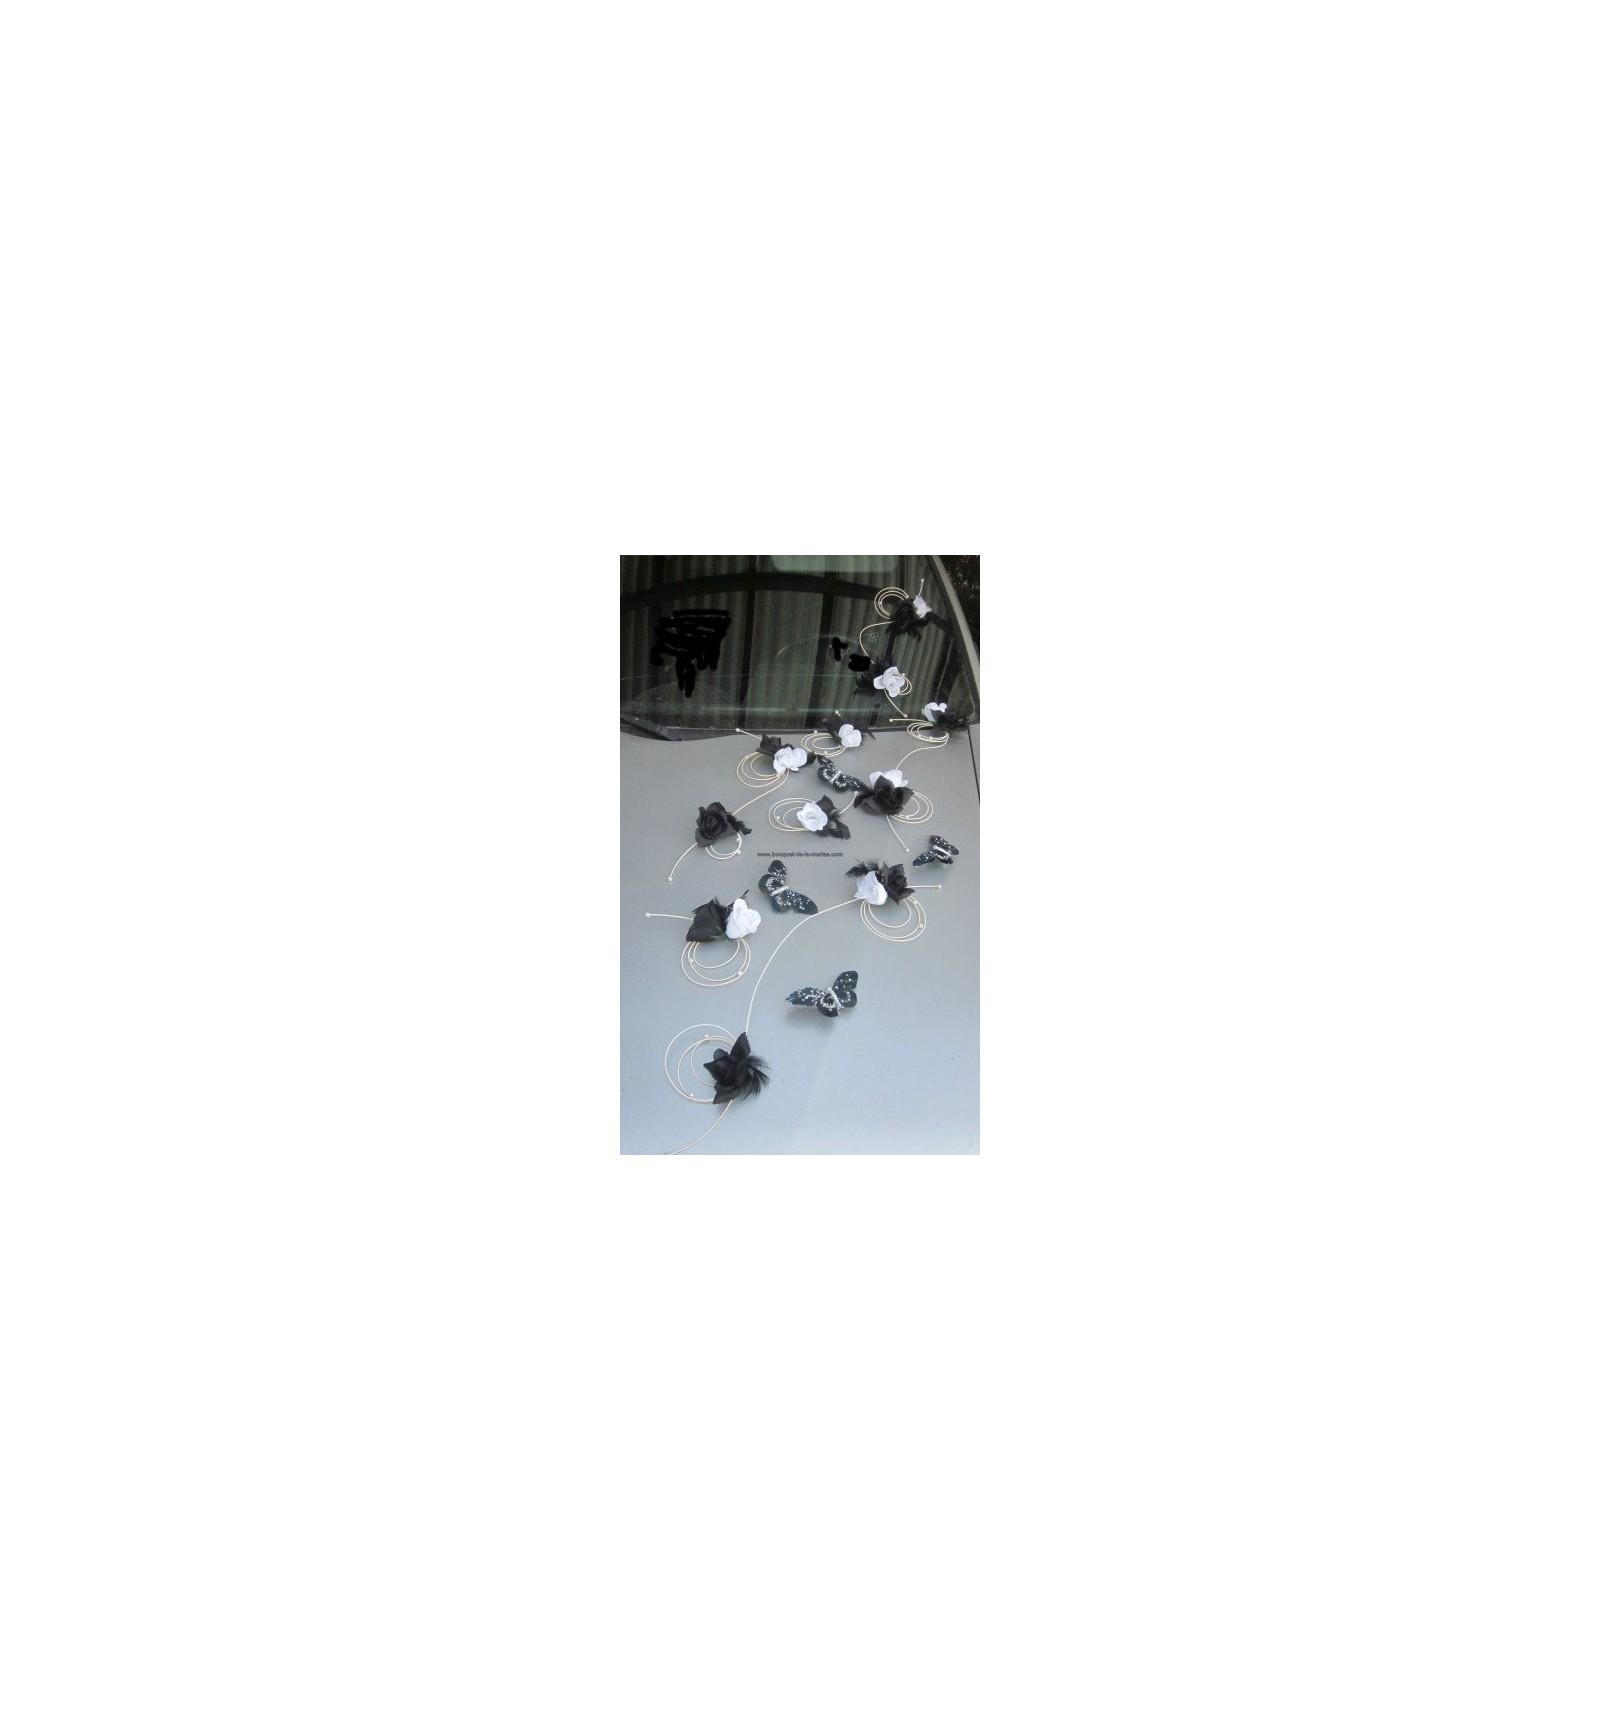 Id e d coration de voiture pour mariage avec papillons - Decoration voiture mariage noir et blanc ...